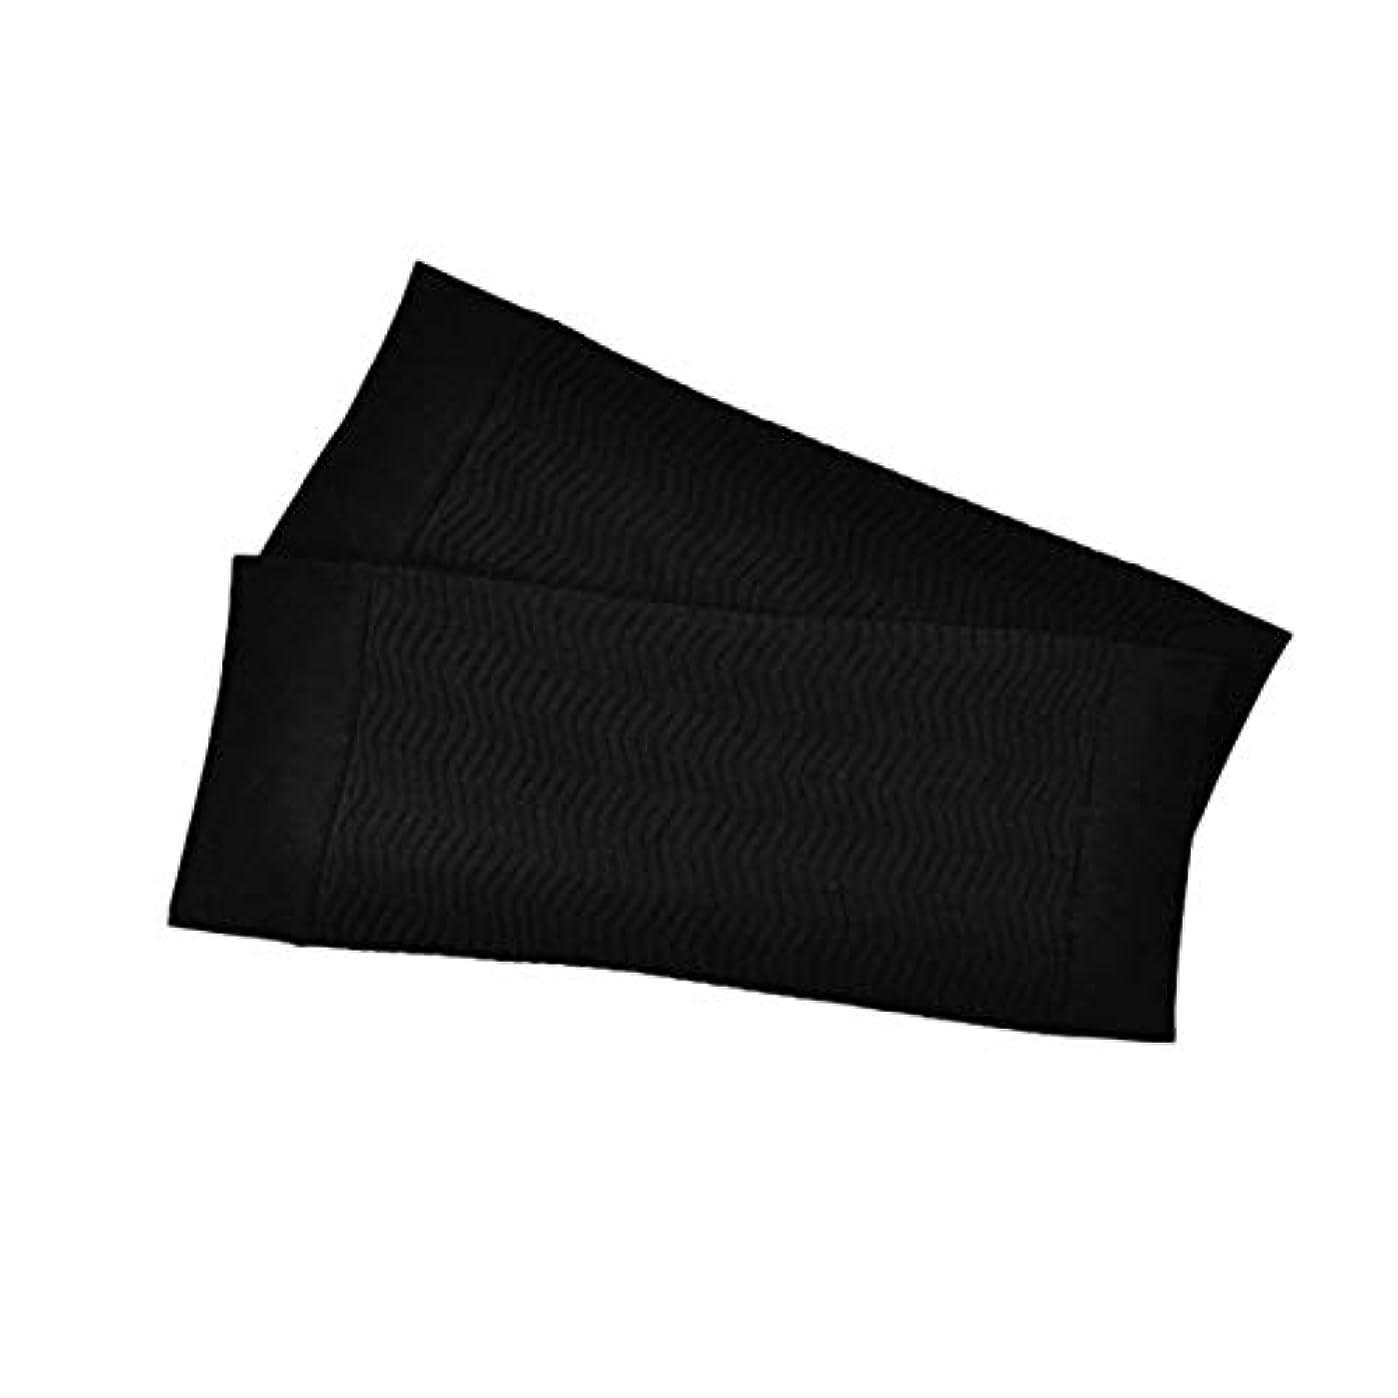 受動的上下する撤退1ペア680 D圧縮アームシェイパーワークアウトトーニングバーンセルライトスリミングアームスリーブ脂肪燃焼半袖用女性 - ブラック